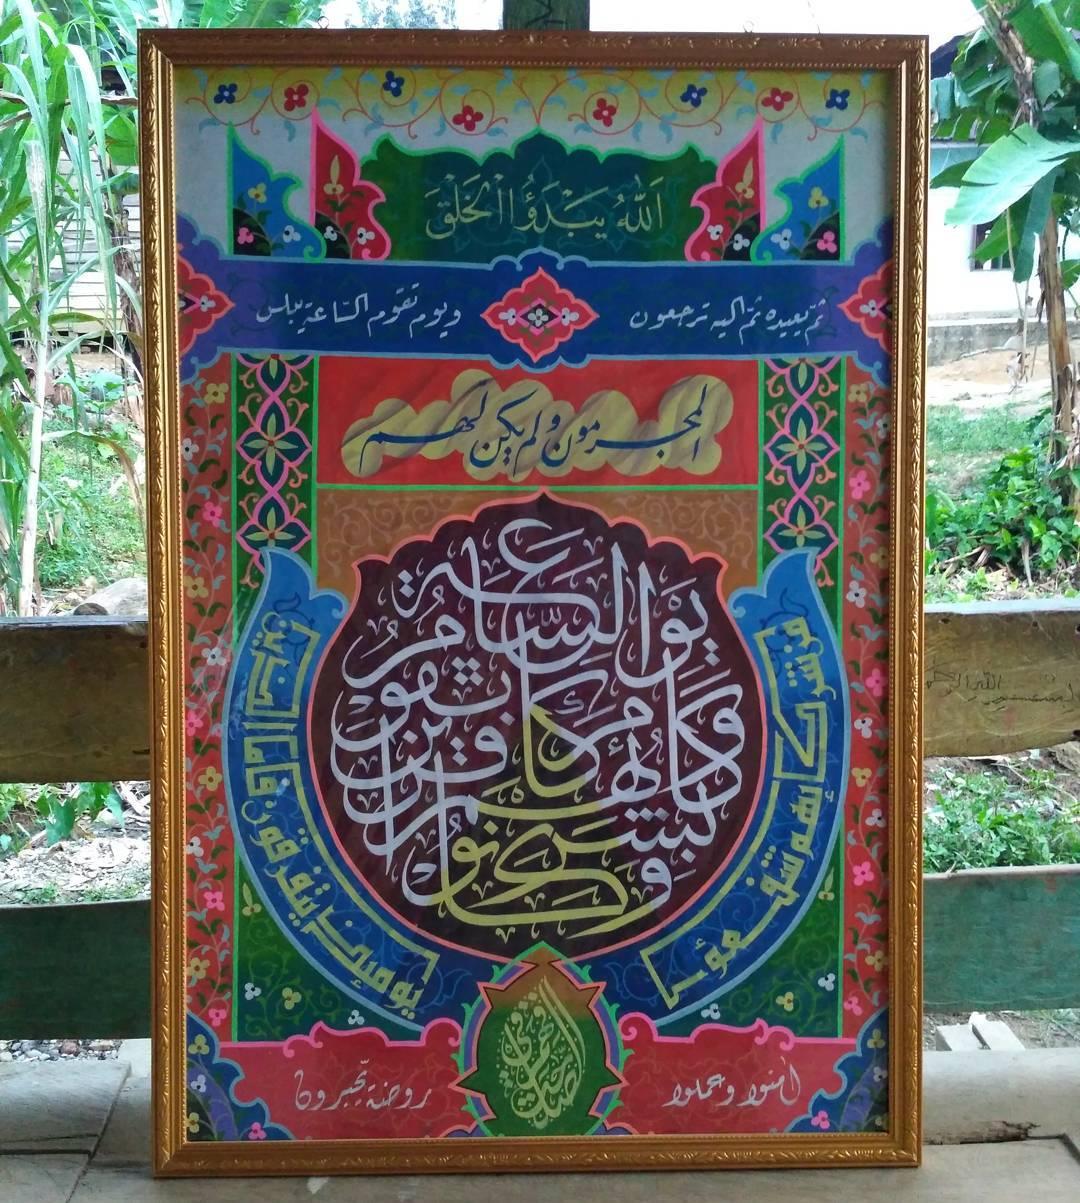 Works Calligraphy Taufik Hasibuan Karya sederhana bbrapa waktu yg lalu.. Baru d kasih bajunya... Heheh... 84 1